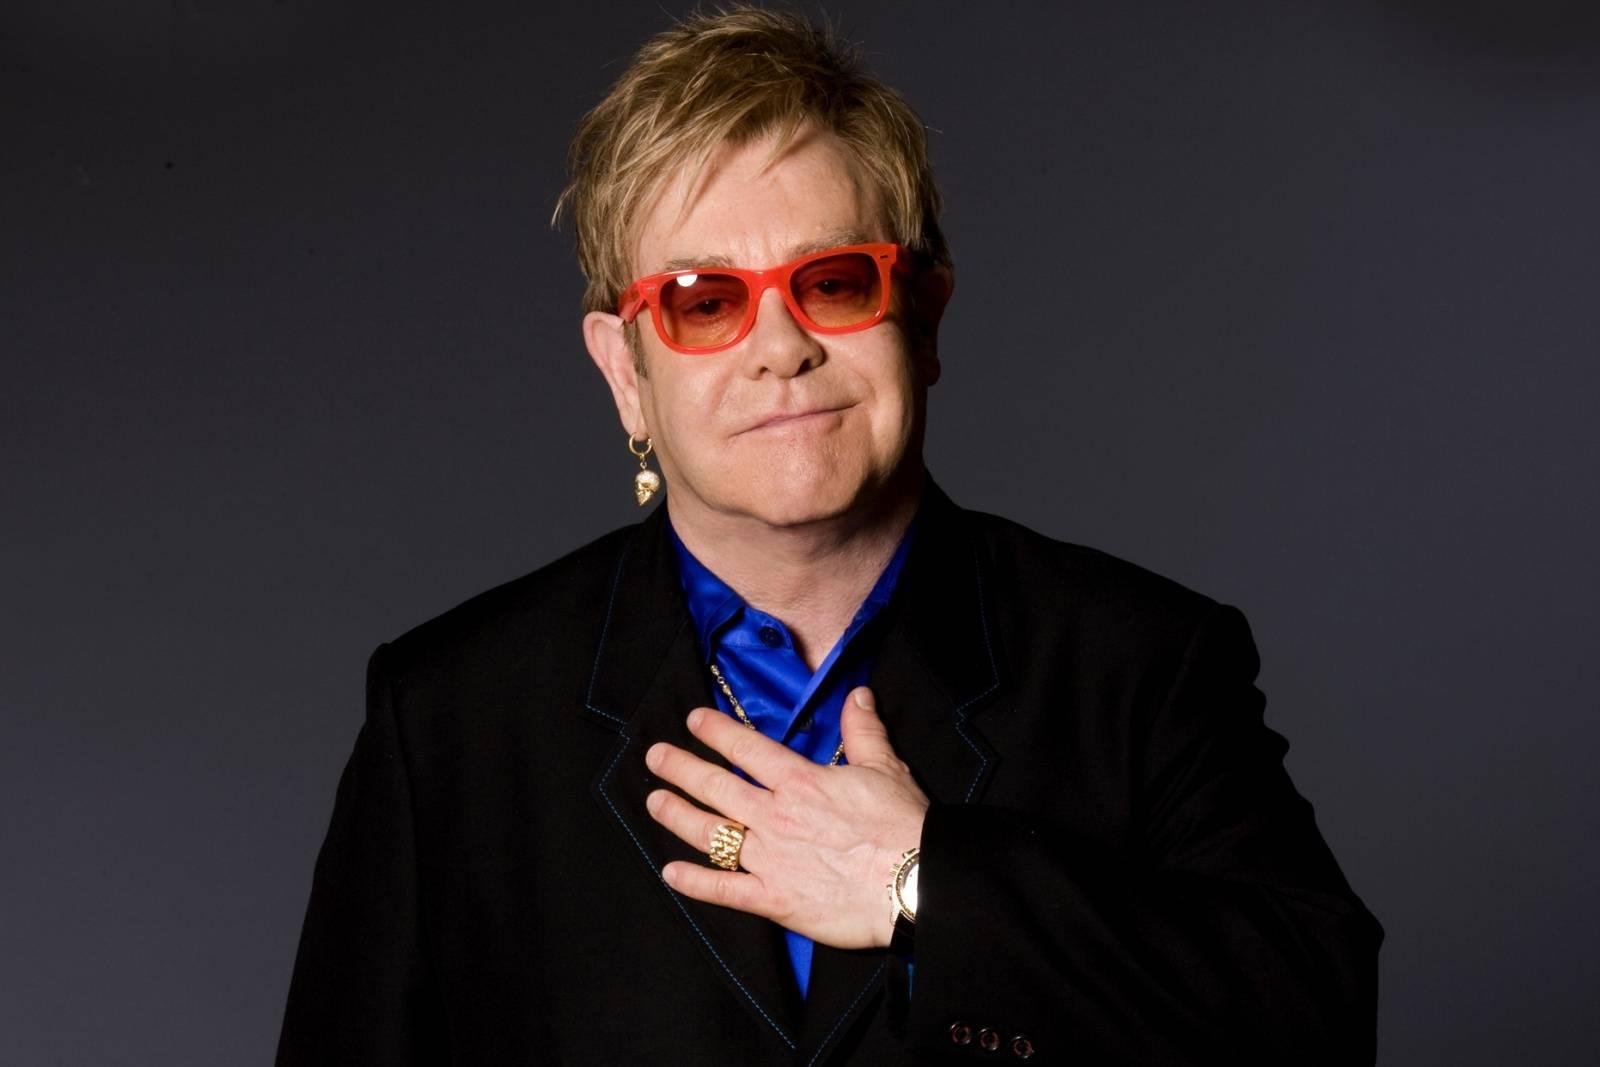 VIDEO: Nové hudební filmy na obzoru. Podívejte se na upoutávky snímků o Eltonovi Johnovi a Mötley Crüe